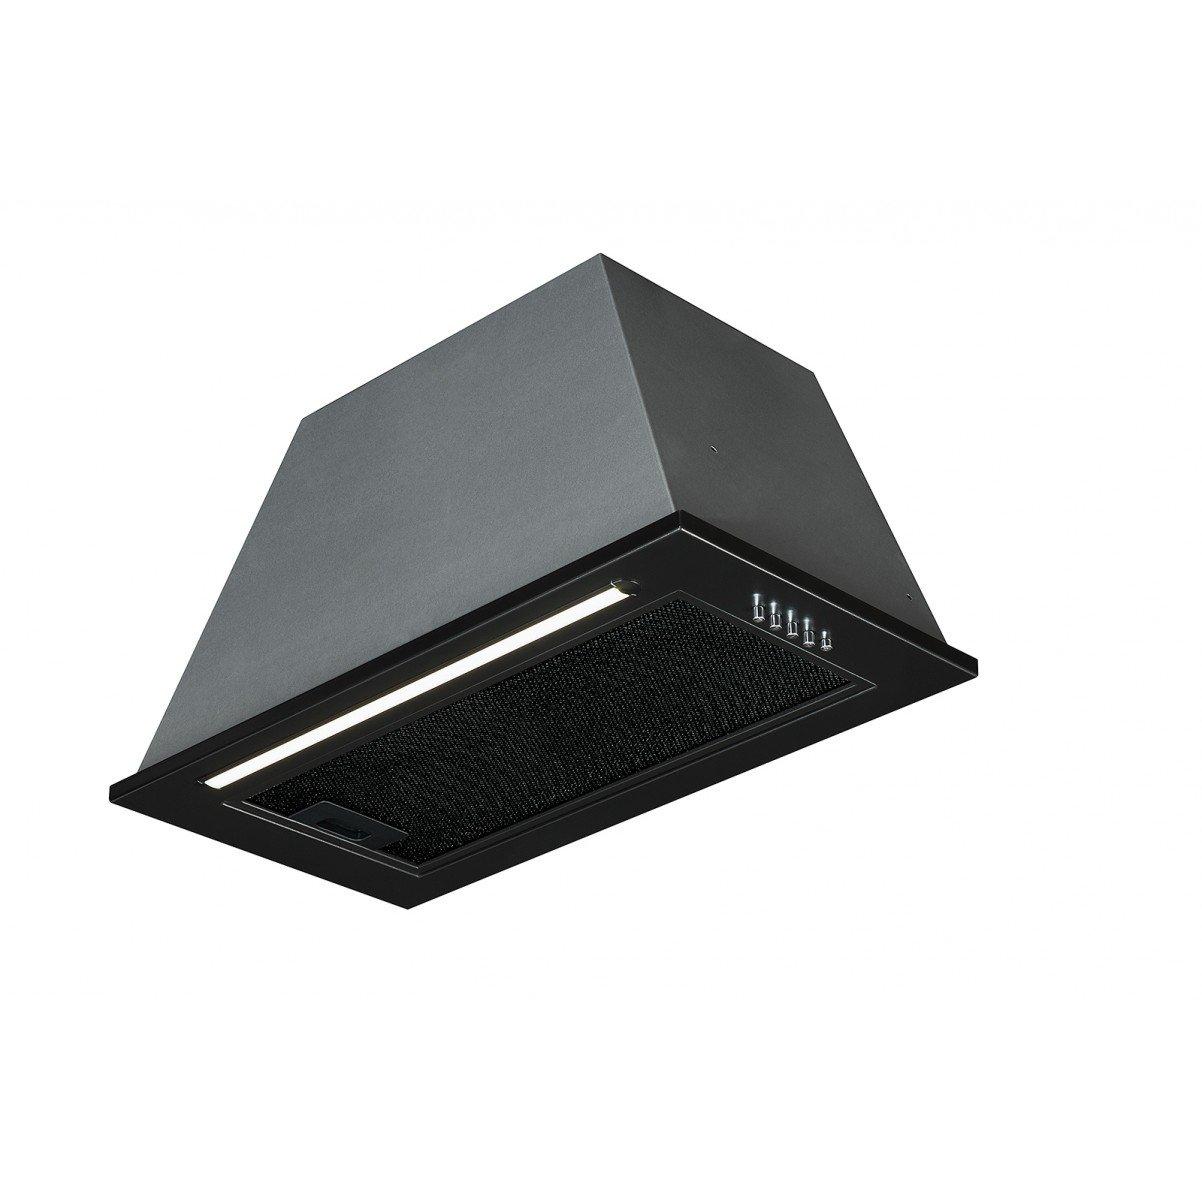 Underbyggnadsfläkt Tovre svart 60 cm/ 90 cm